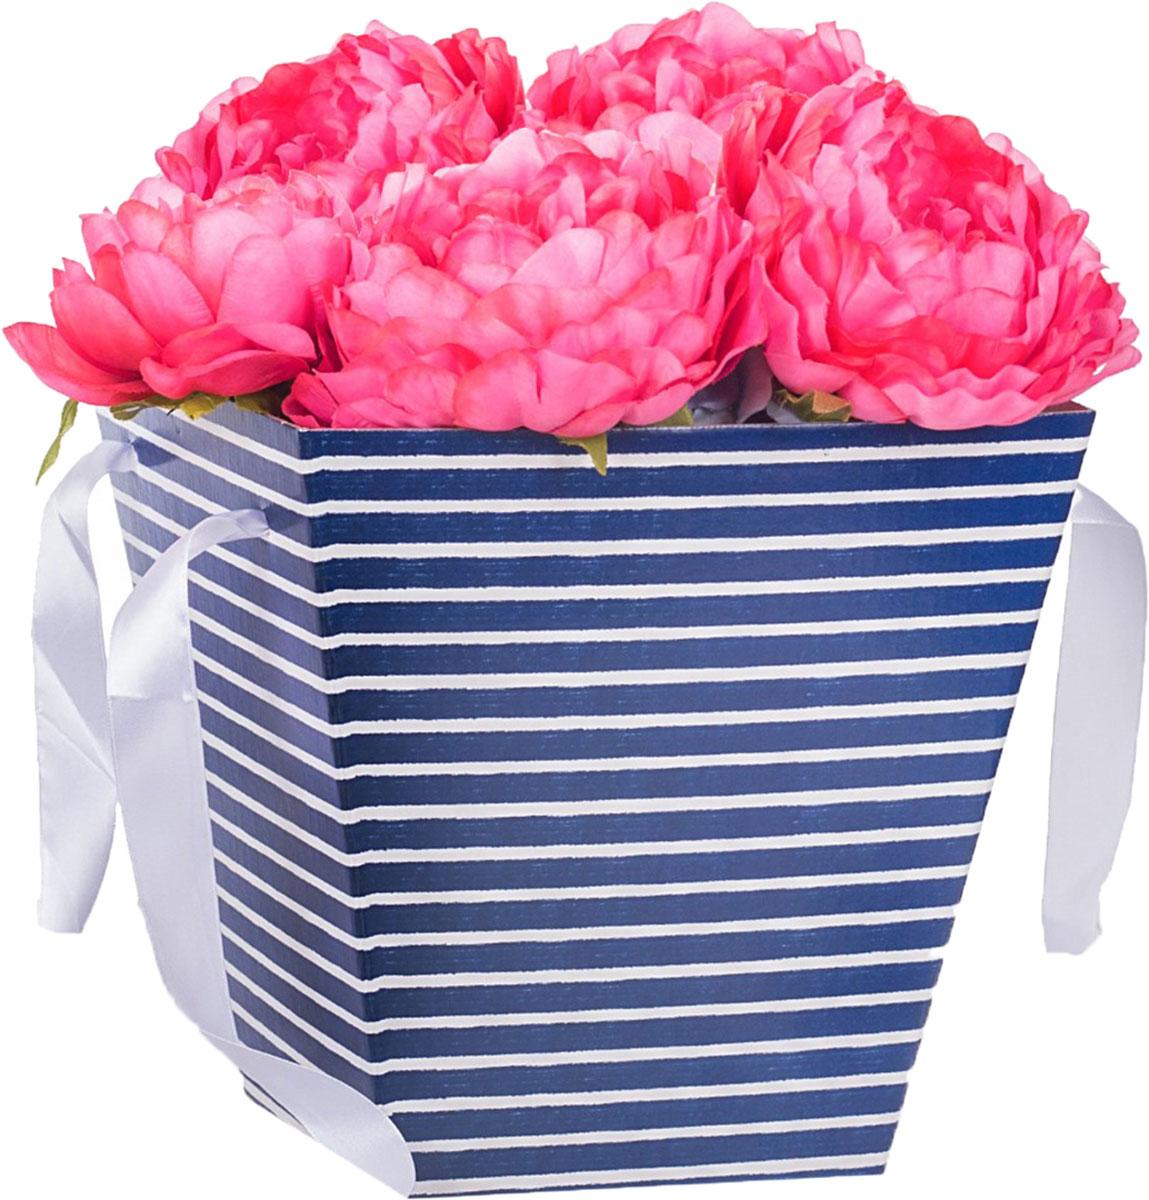 Коробка-трапеция Дарите Счастье Морская полоска, 23,6 х 24,5 х 15 см2878112Любой подарок начинается с упаковки. Что может быть трогательнее и волшебнее, чем ритуал разворачивания полученного презента. И именно оригинальная, со вкусом выбранная упаковка выделит ваш подарок из массы других. Она продемонстрирует самые тёплые чувства к виновнику торжества и создаст сказочную атмосферу праздника. Коробка — это то, что вы искали.